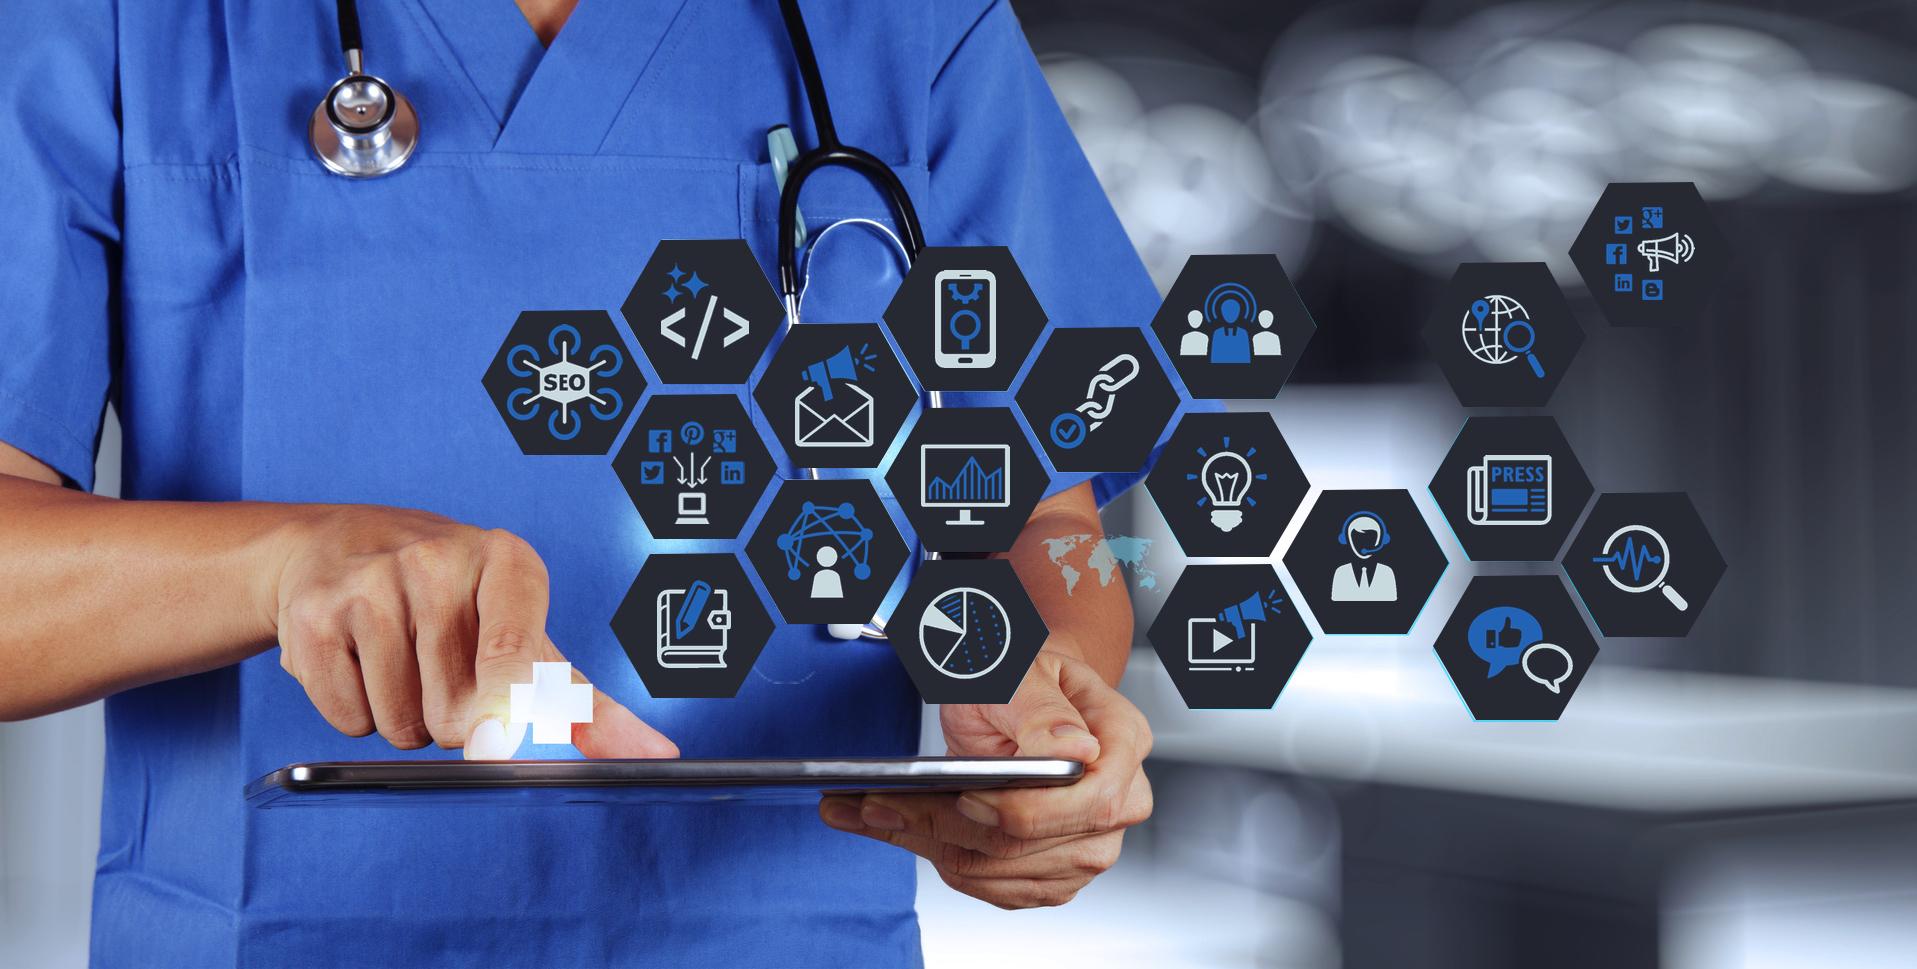 Προώθηση ιατρείου με 5 εργαλεία του ιατρικού marketing